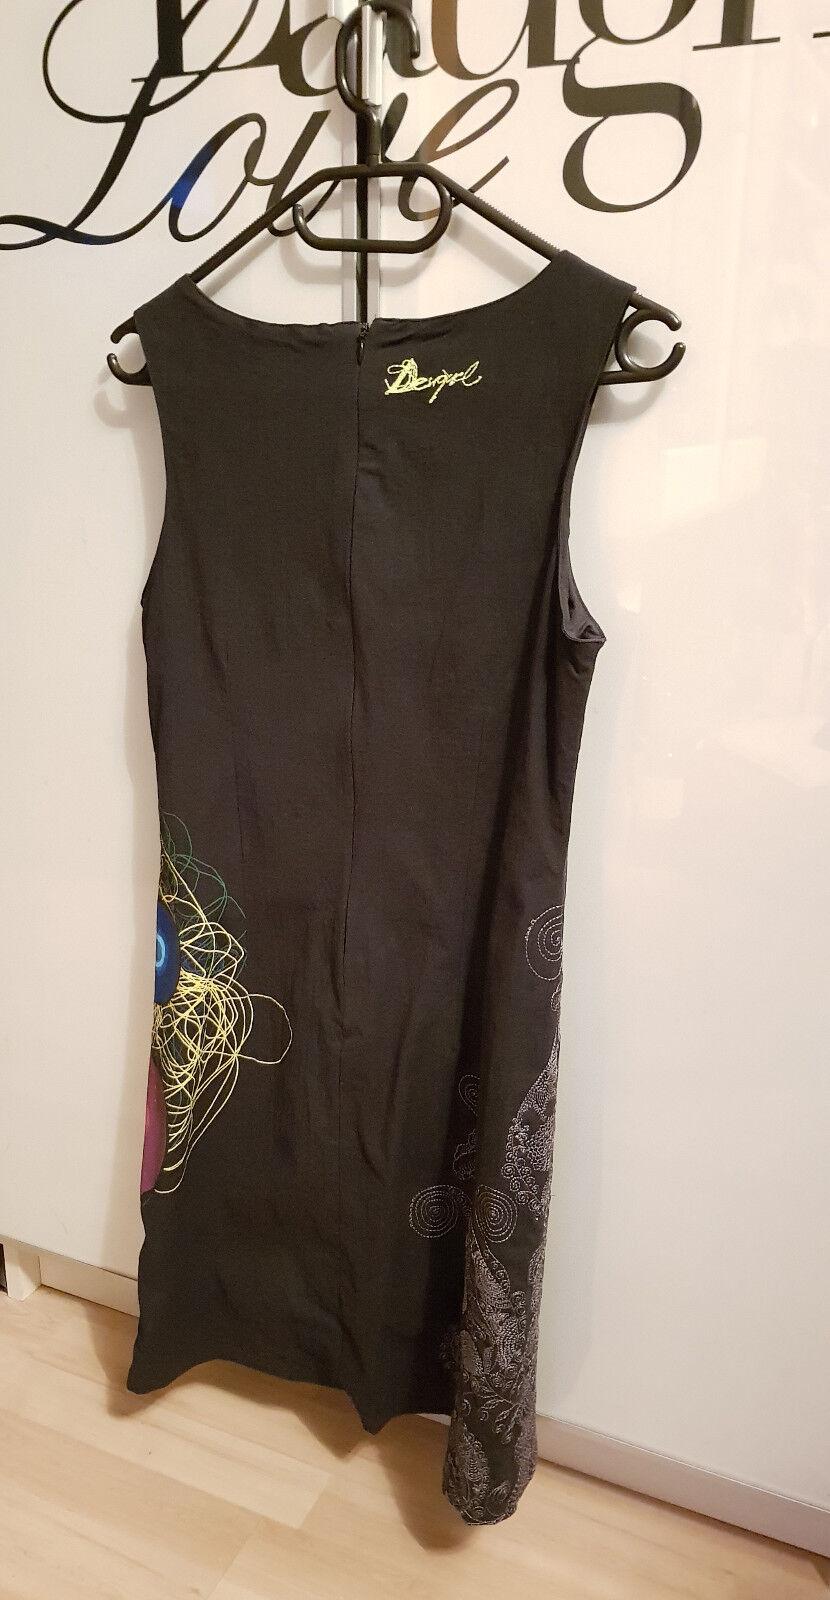 Desigual Kleid 35V2801 Lessandra Schwarz Gr. 36 (NEU  ungetragen) ungetragen) ungetragen) | Verkauf Online-Shop  | Sonderaktionen zum Jahresende  470208